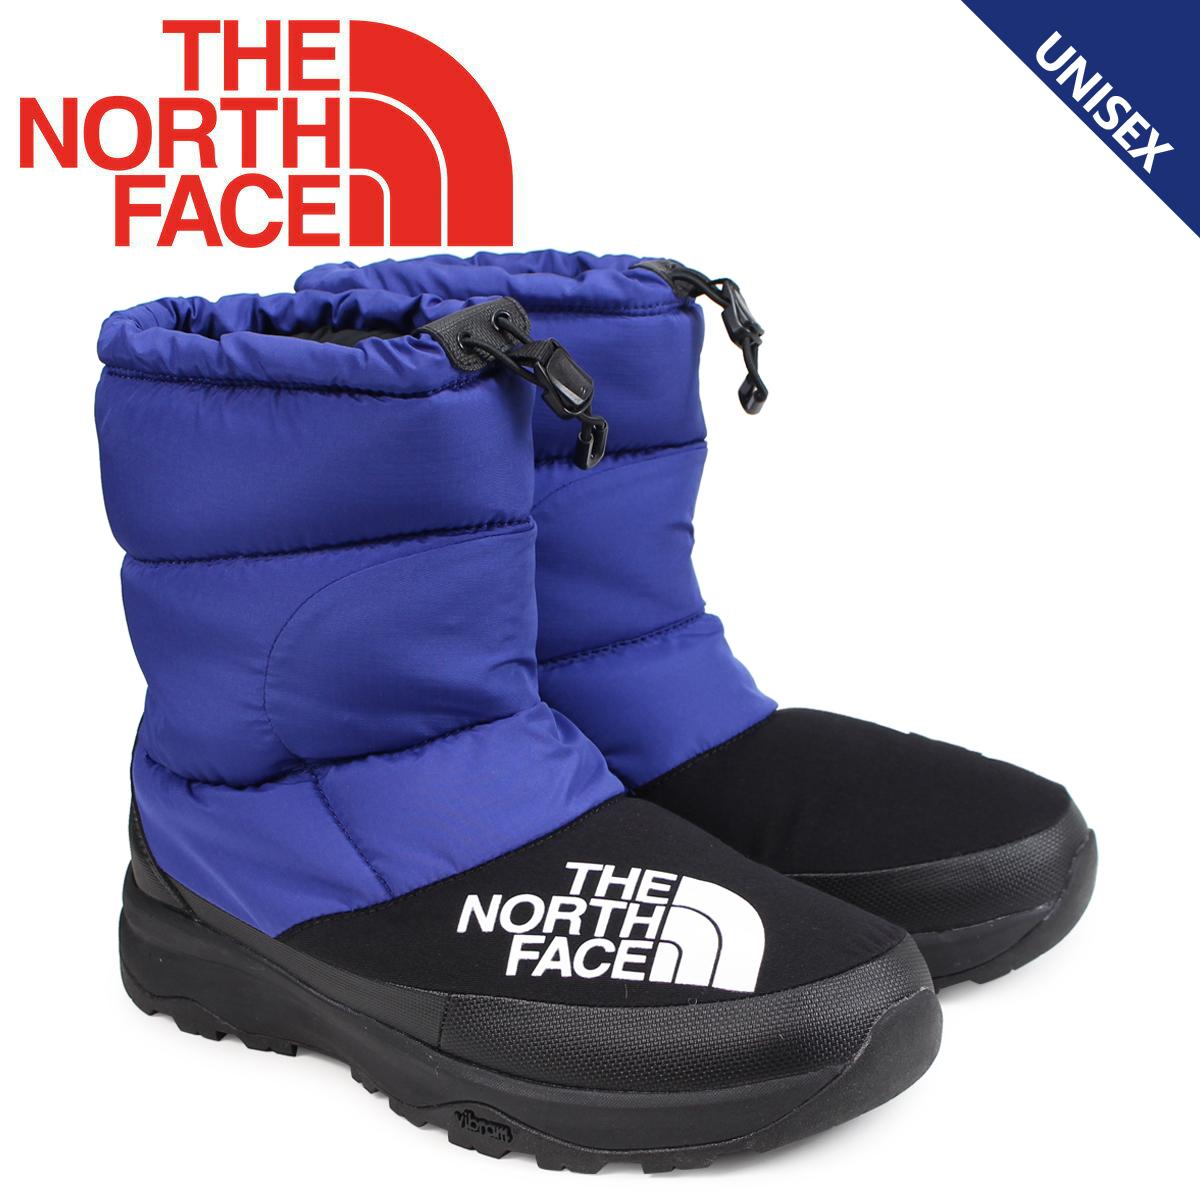 ノースフェイス THE NORTH FACE ヌプシ ダウンブーティ ブーツ メンズ レディース NUPTSE DOWN BOOTIE ブルー NF51877